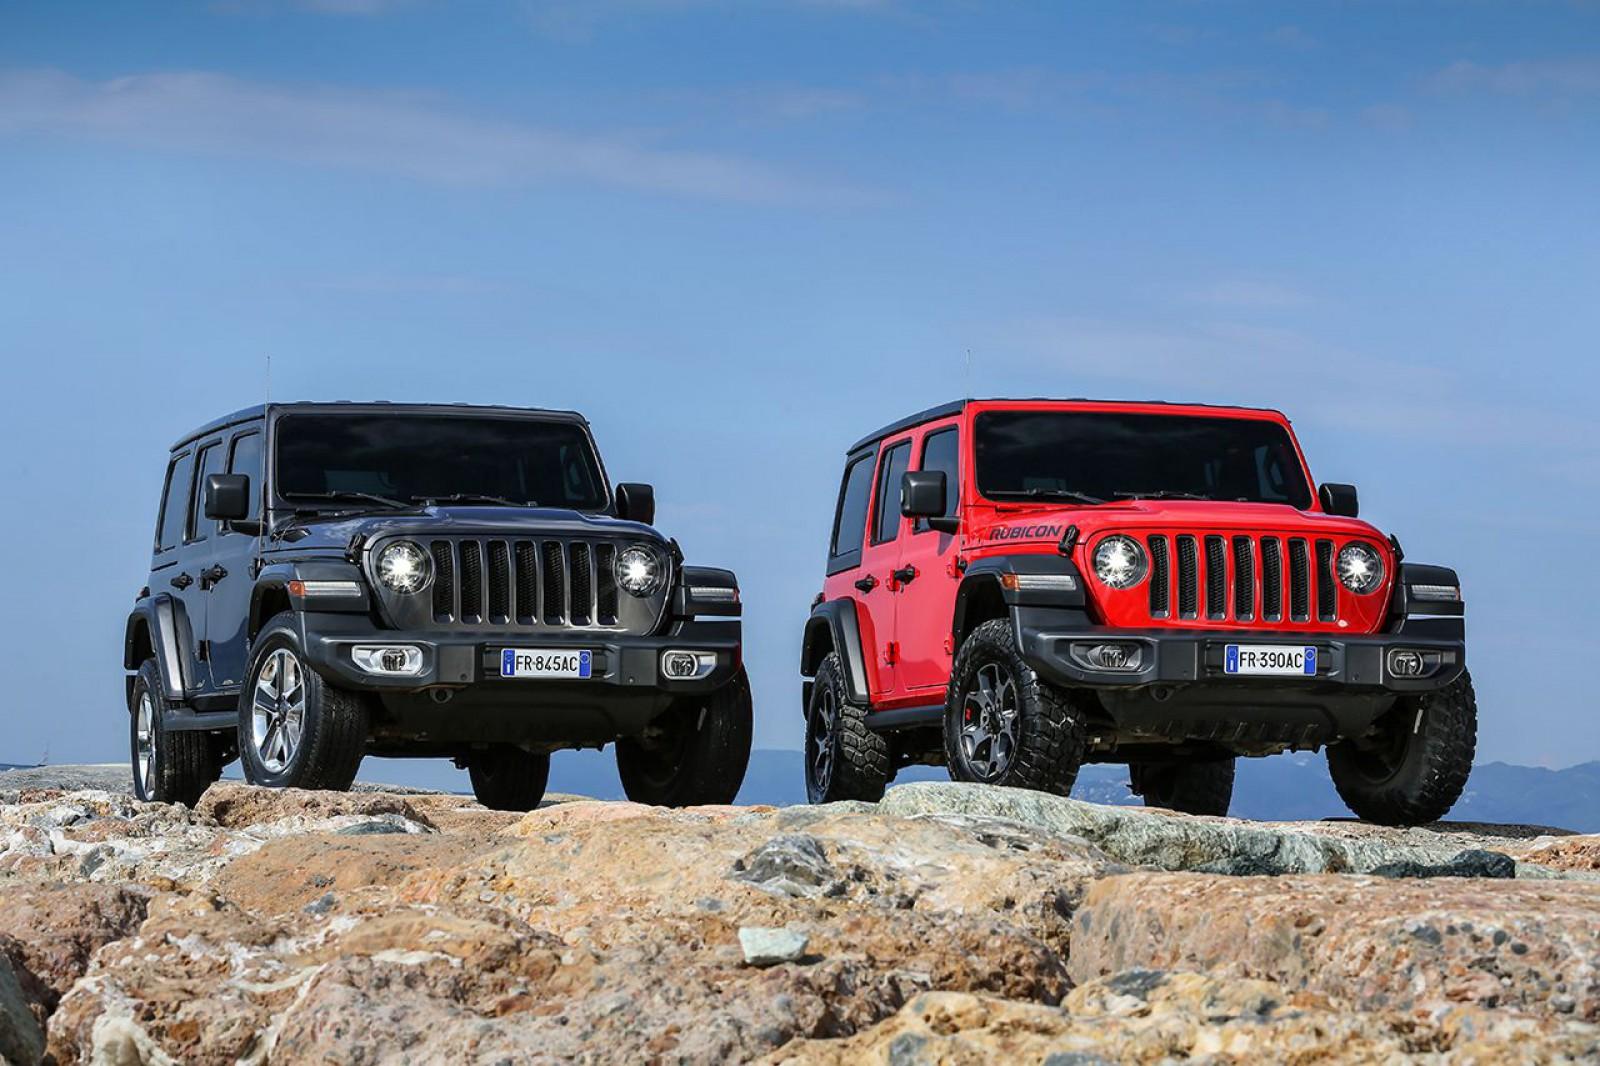 (foto/video) Noul Jeep Wrangler a trecut oceanul şi a primit un nou turbo diesel